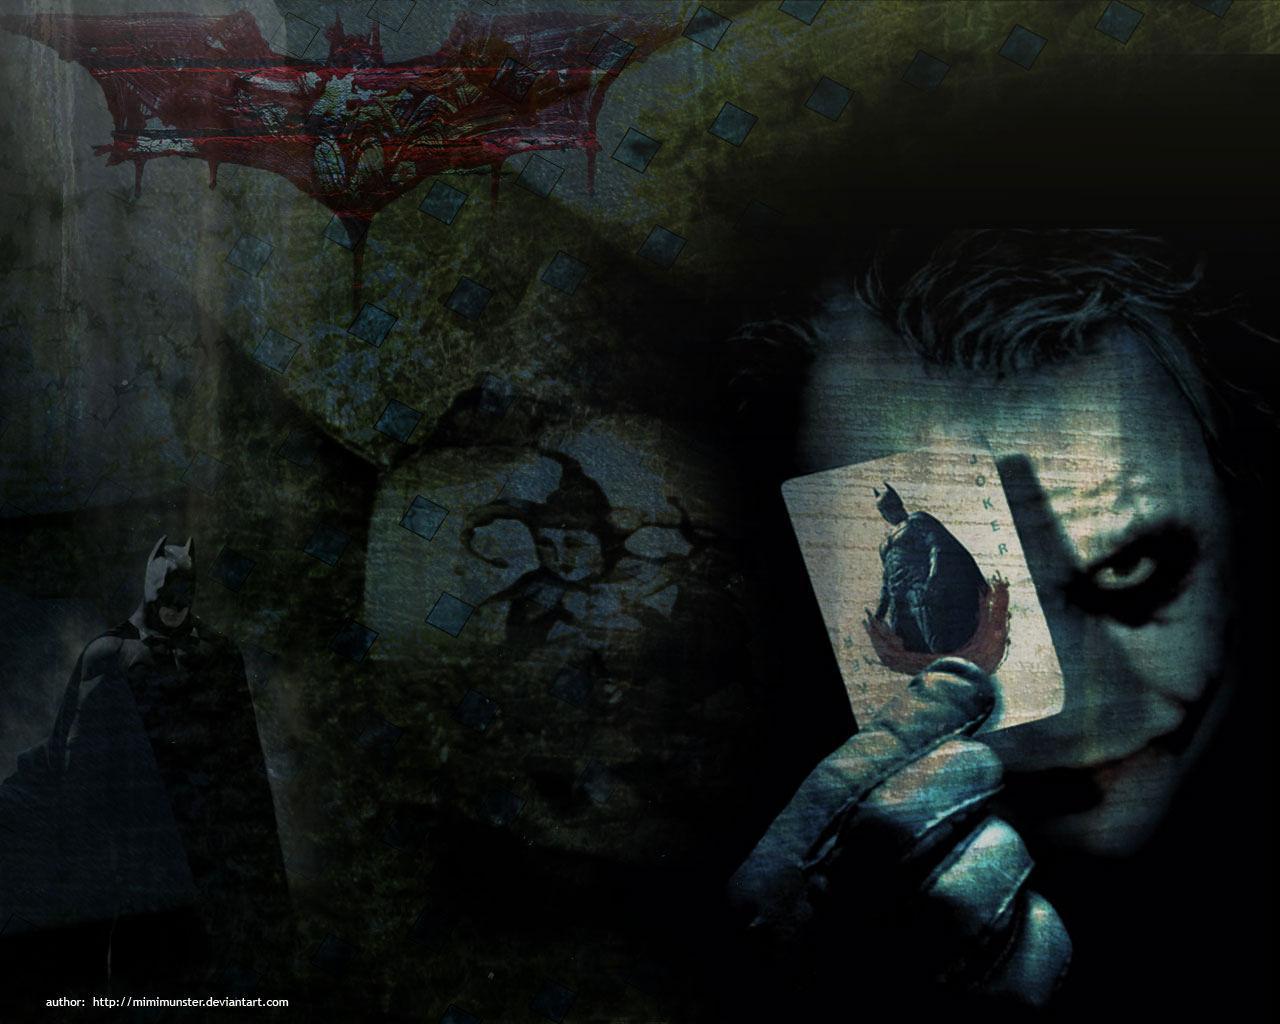 Joker Card Wallpapers Top Free Joker Card Backgrounds